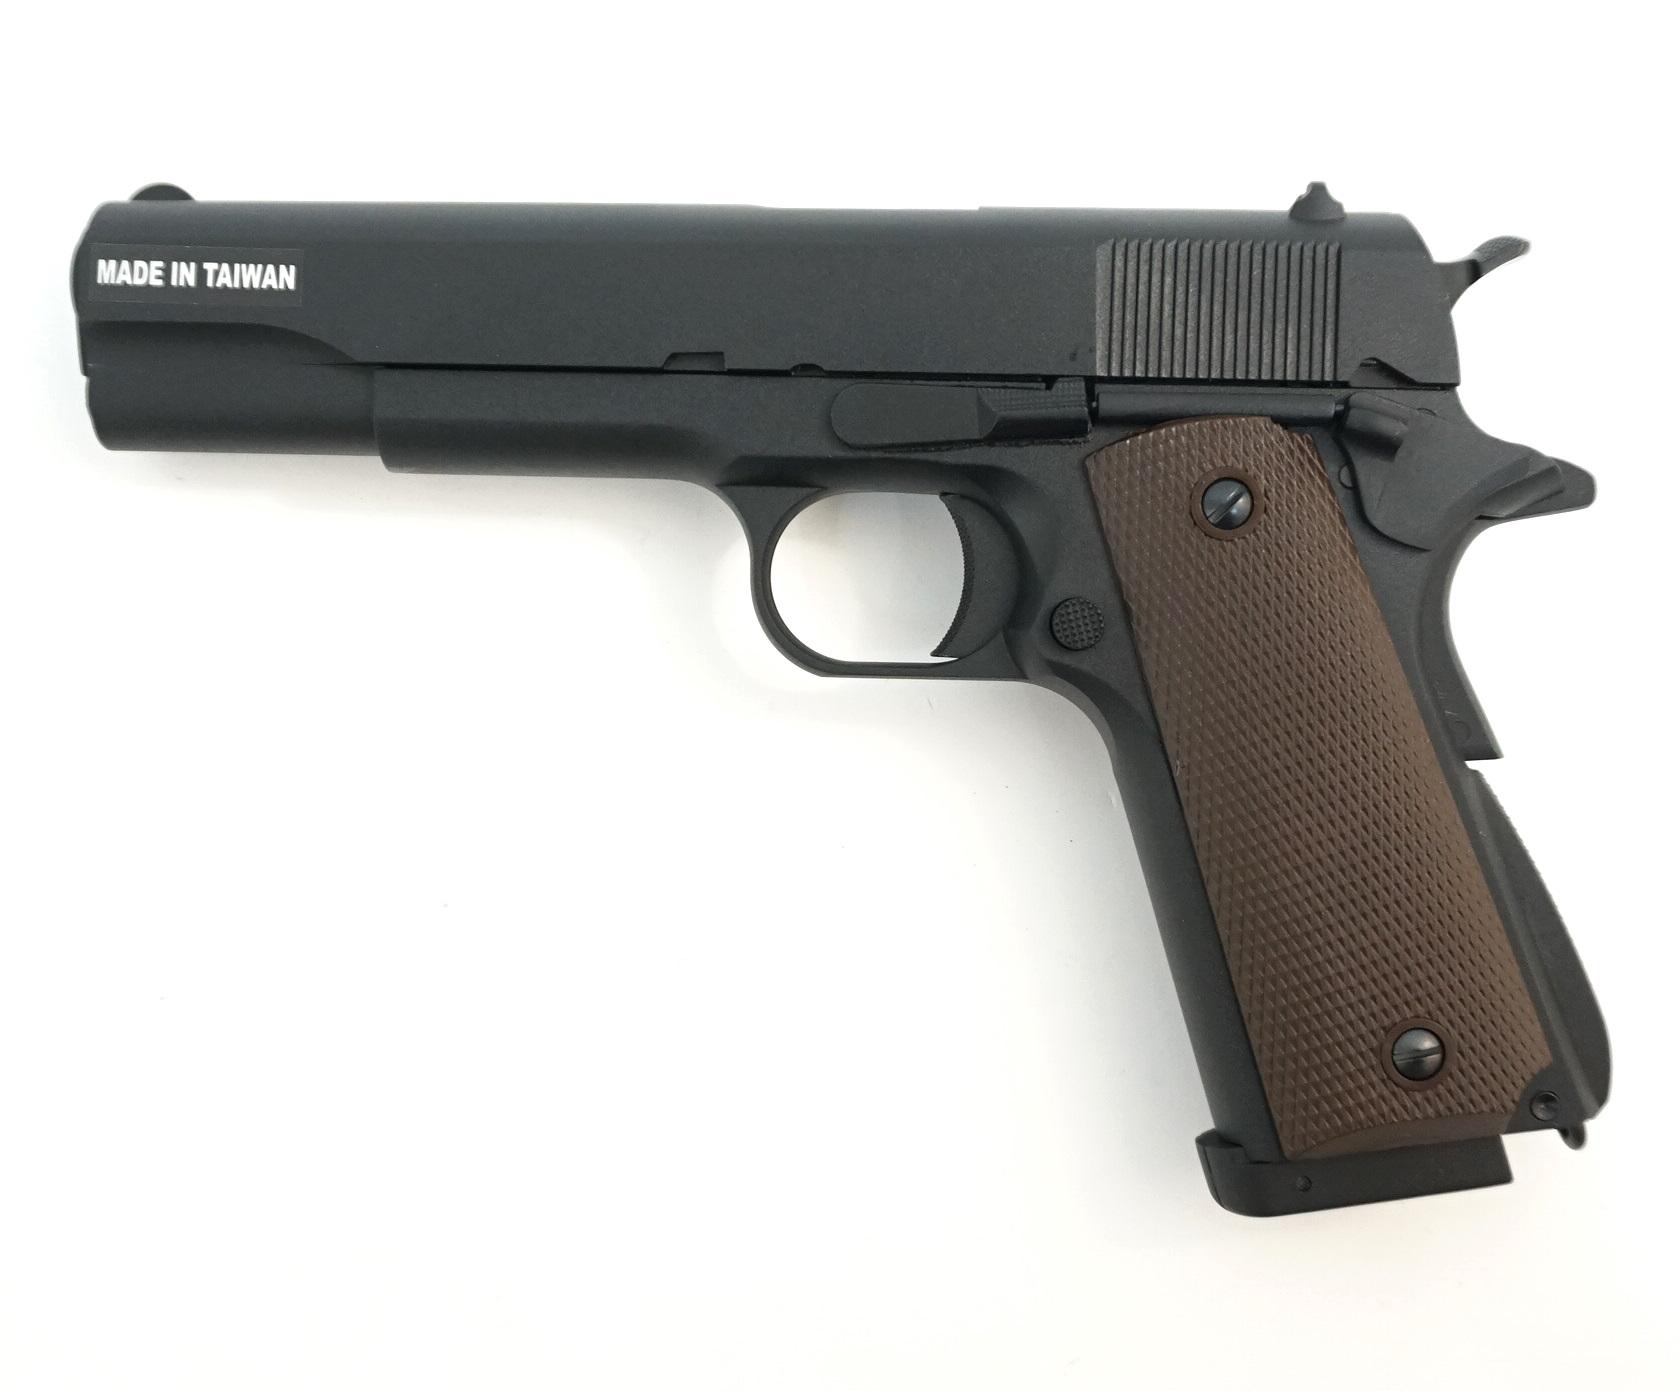 Страйкбольный пистолет KJW Colt M1911A1 CO₂ GBB (1911.CO2) купить! Цена в Москве, СПБ